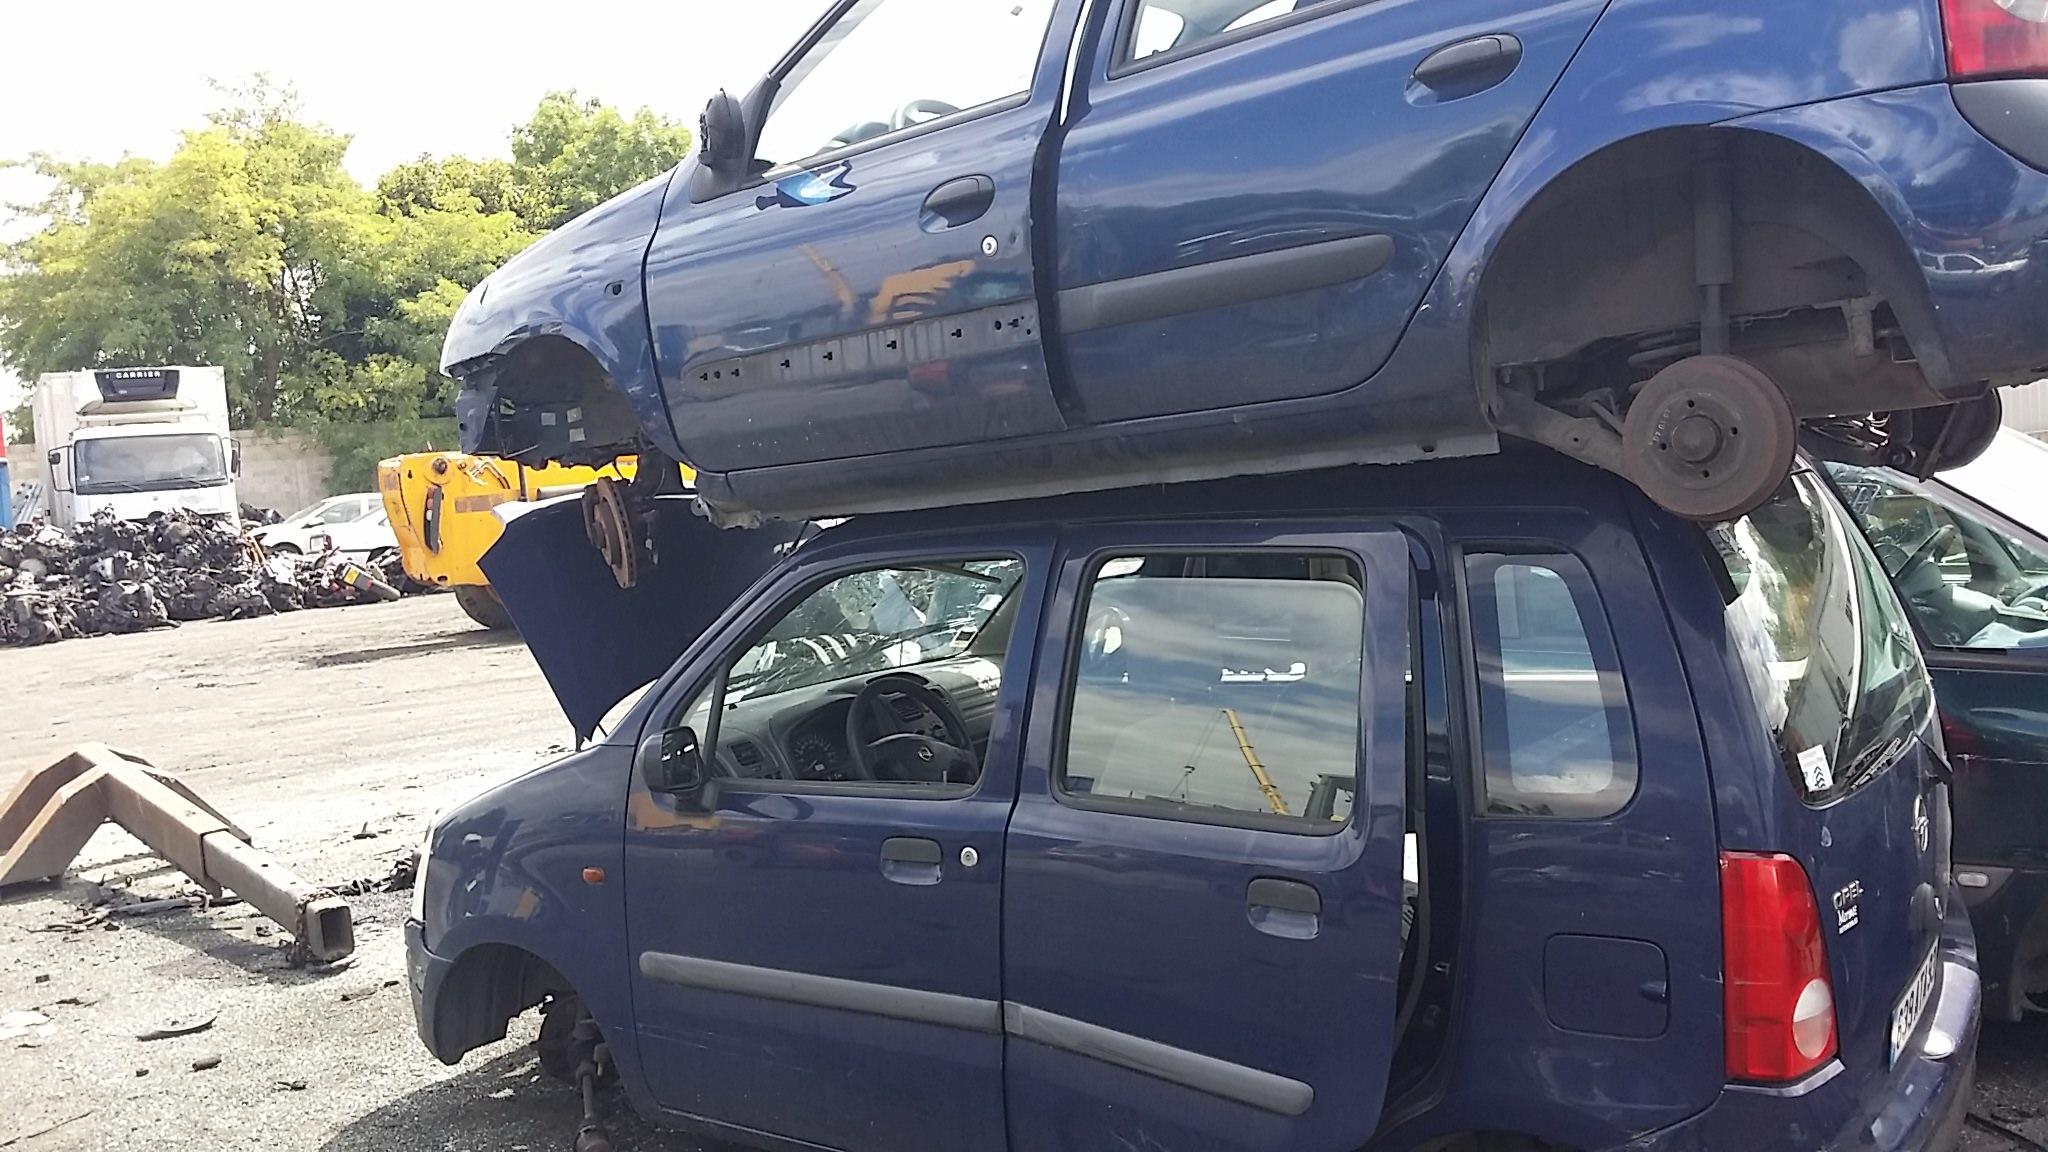 Enlevement fers et metaux auto 95 epaveo 061818 88 17 for Garage auto bobigny